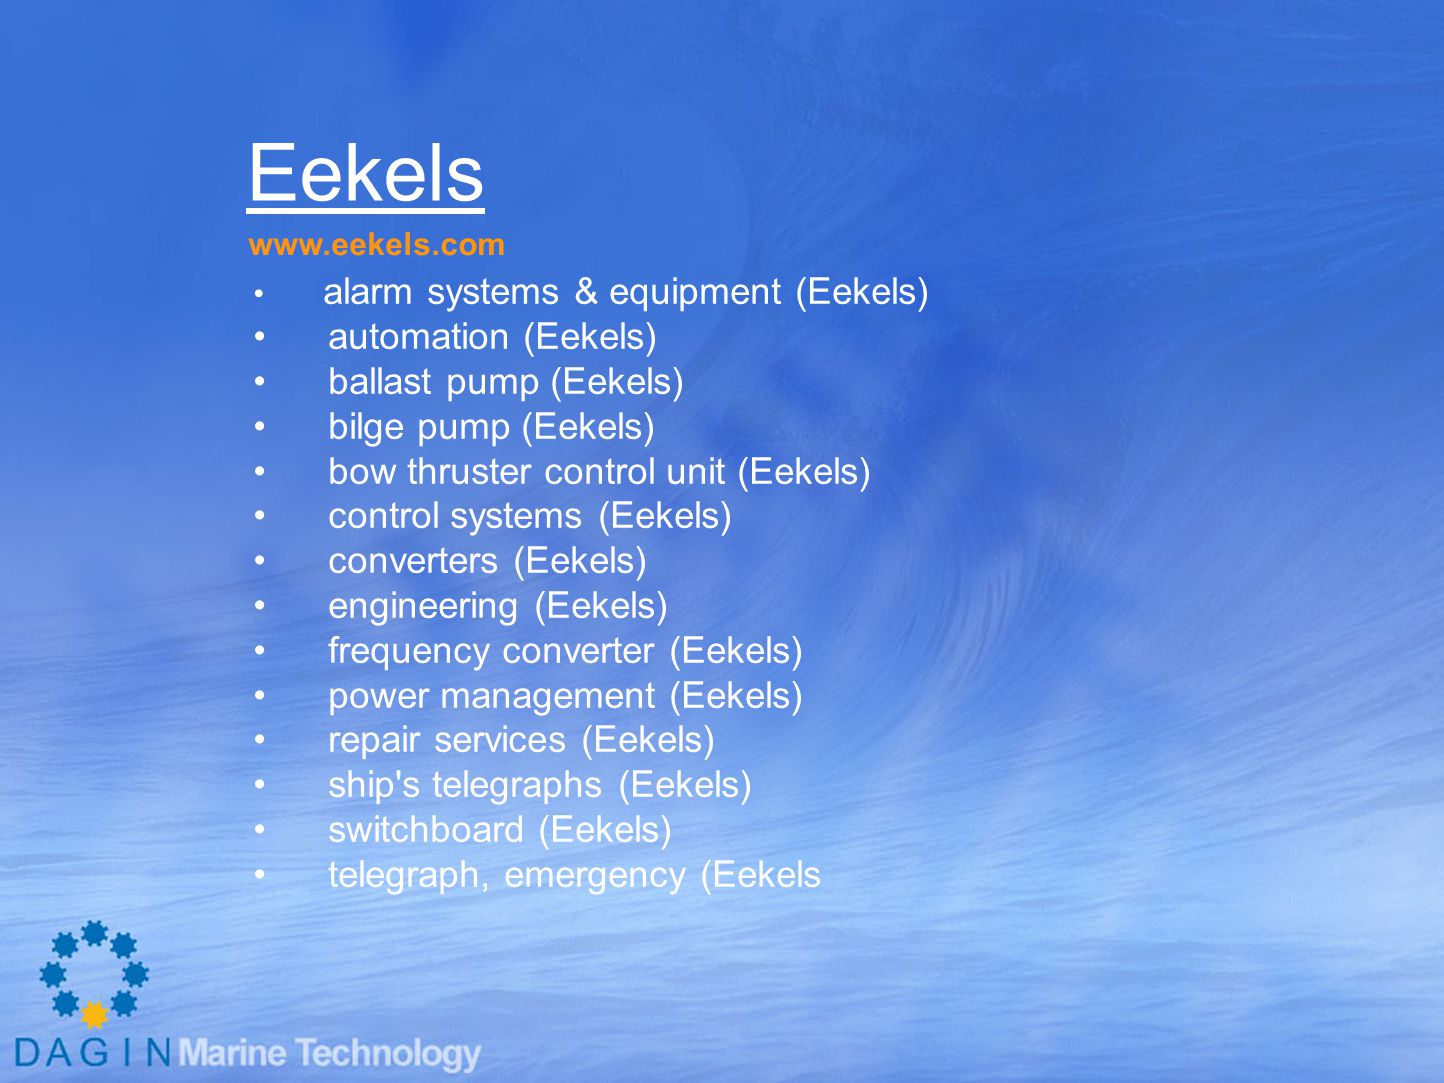 Eekels automation (Eekels) ballast pump (Eekels) bilge pump (Eekels)